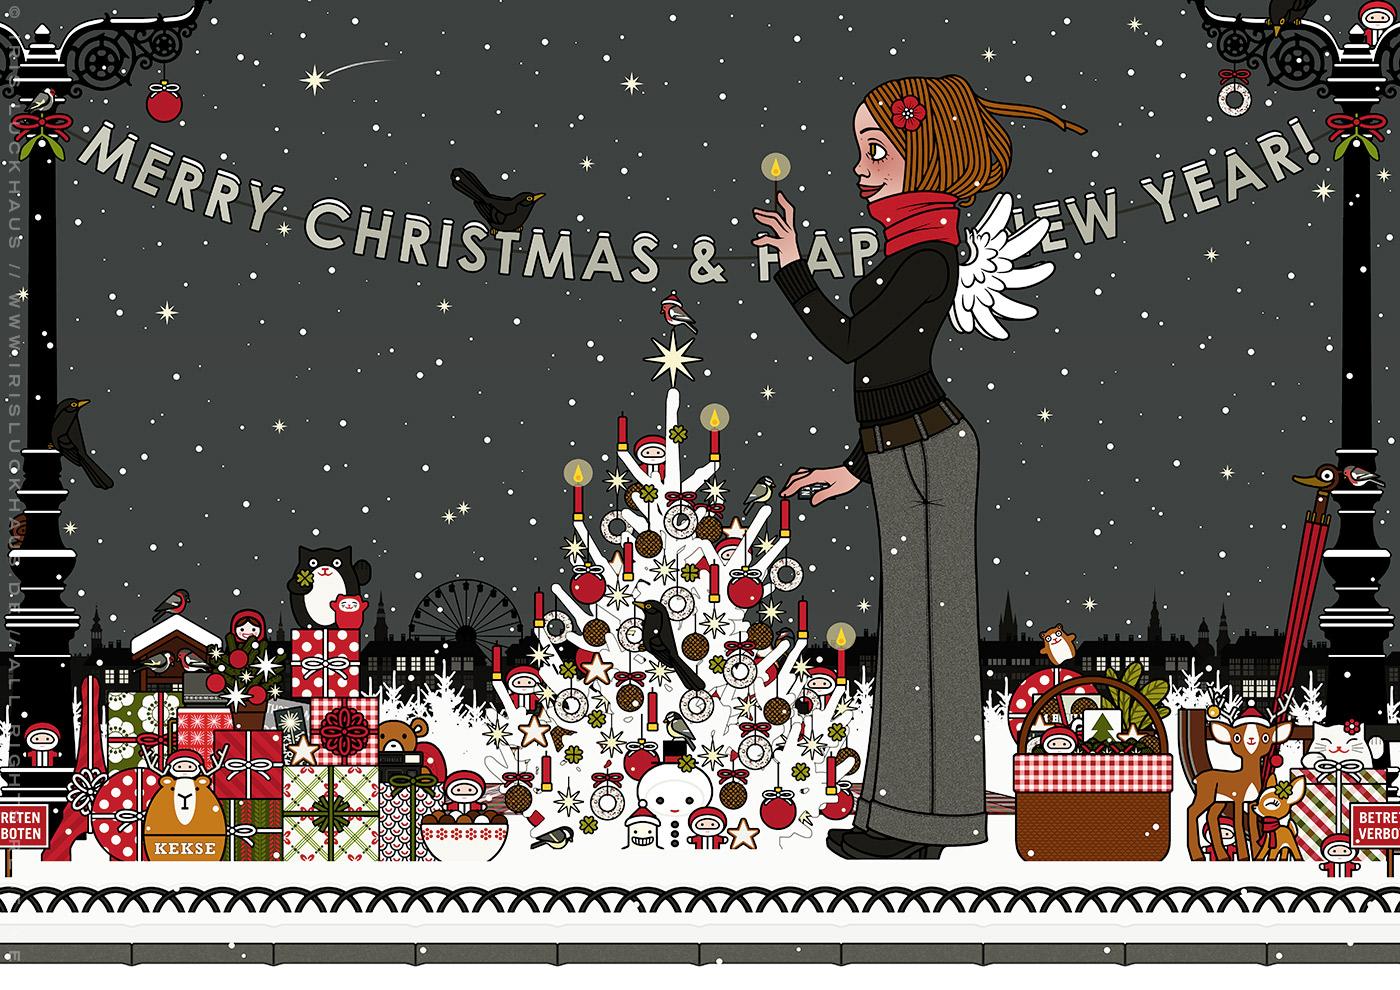 Zeichnung von einem Mädchen mit Engelsflügeln, das im Schnee im winterlichen Park Geschenke verteilt und einen Weihnachtsbaum mit Meisenknödeln geschmückt hat und nun die Kerzen mit einem Streichholz anzündet, für Lily Lux von Iris Luckhaus